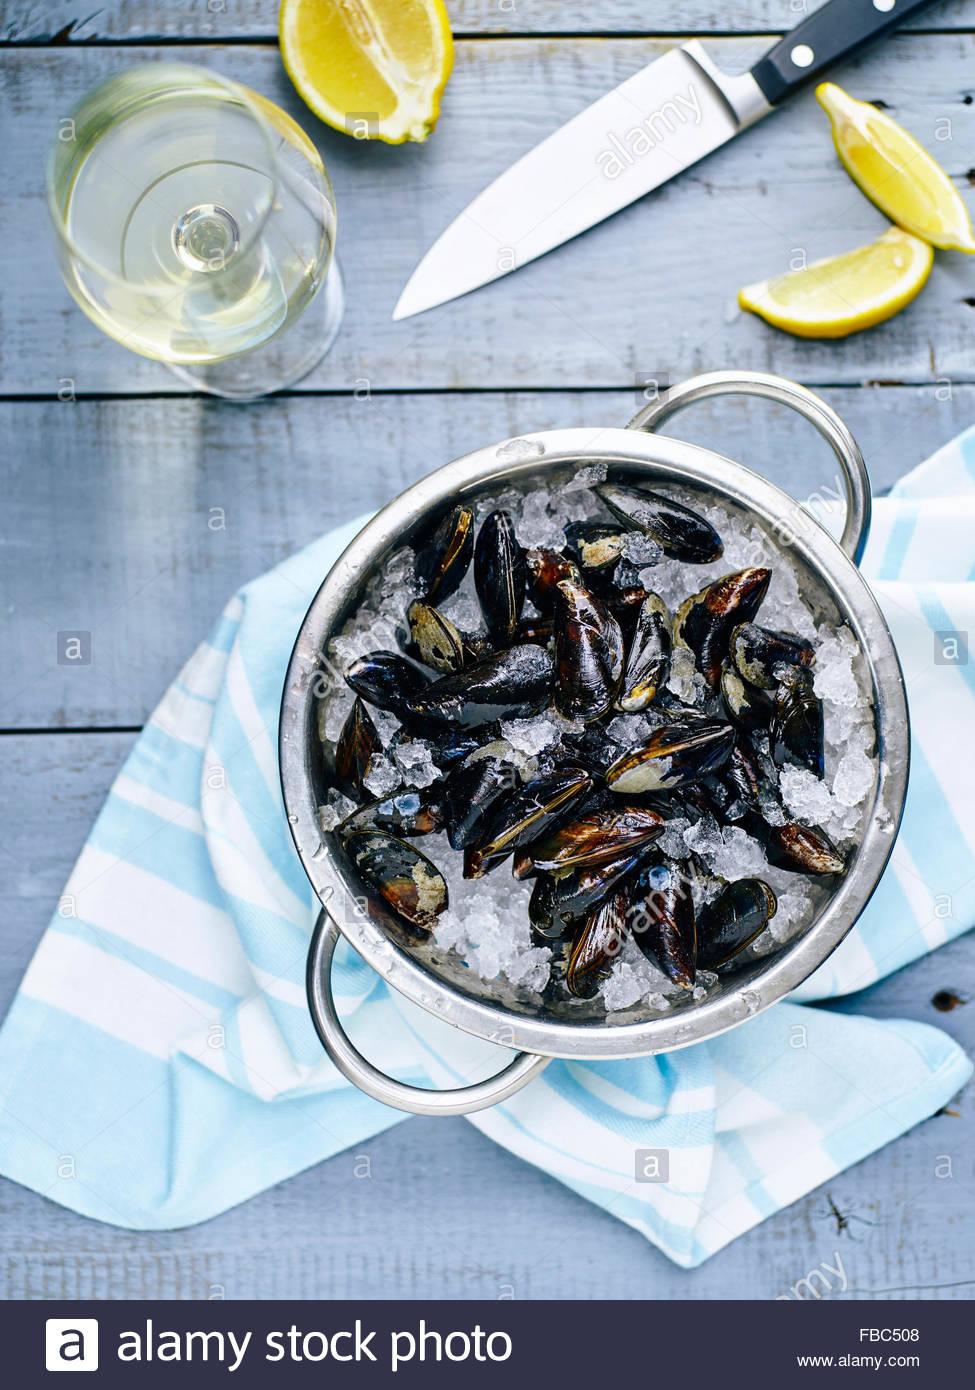 Muscheln auf Eis mit Zitrone und Weißwein Kochen bereit Stockbild